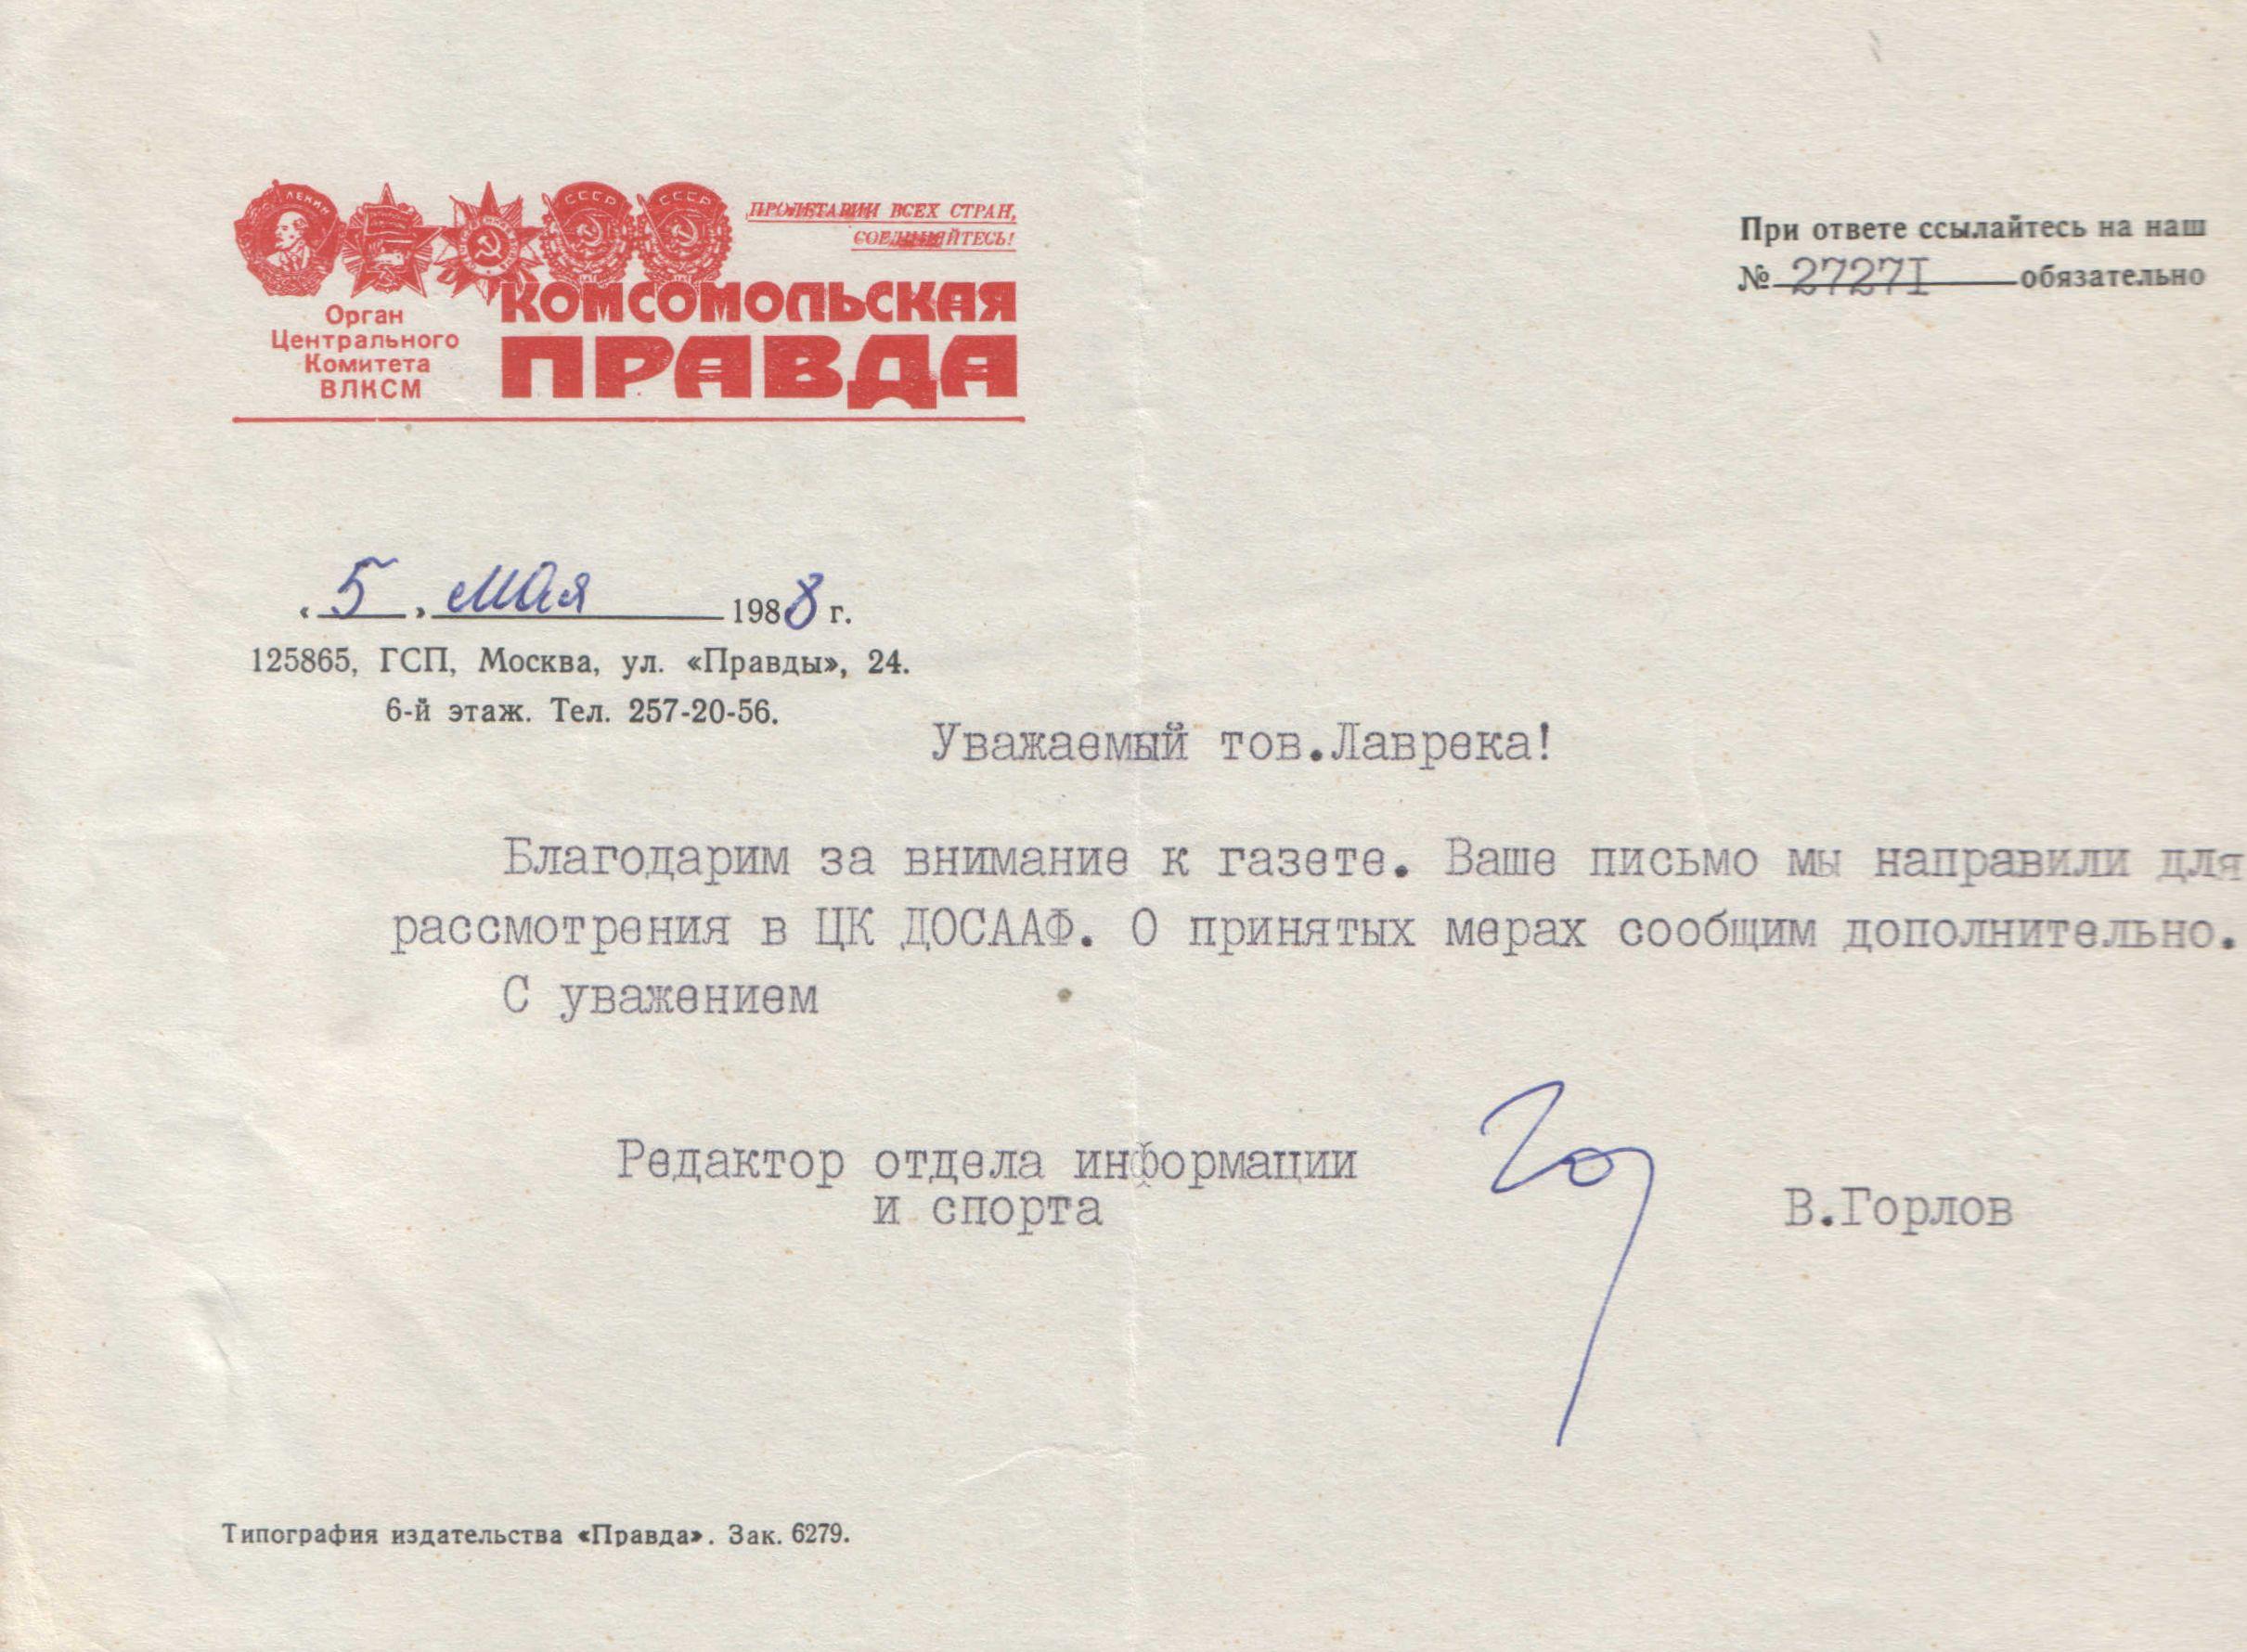 Нажмите на изображение для увеличения.  Название:RB5FF-ltr-ot-KP-1988.jpg Просмотров:416 Размер:466.3 Кб ID:103857